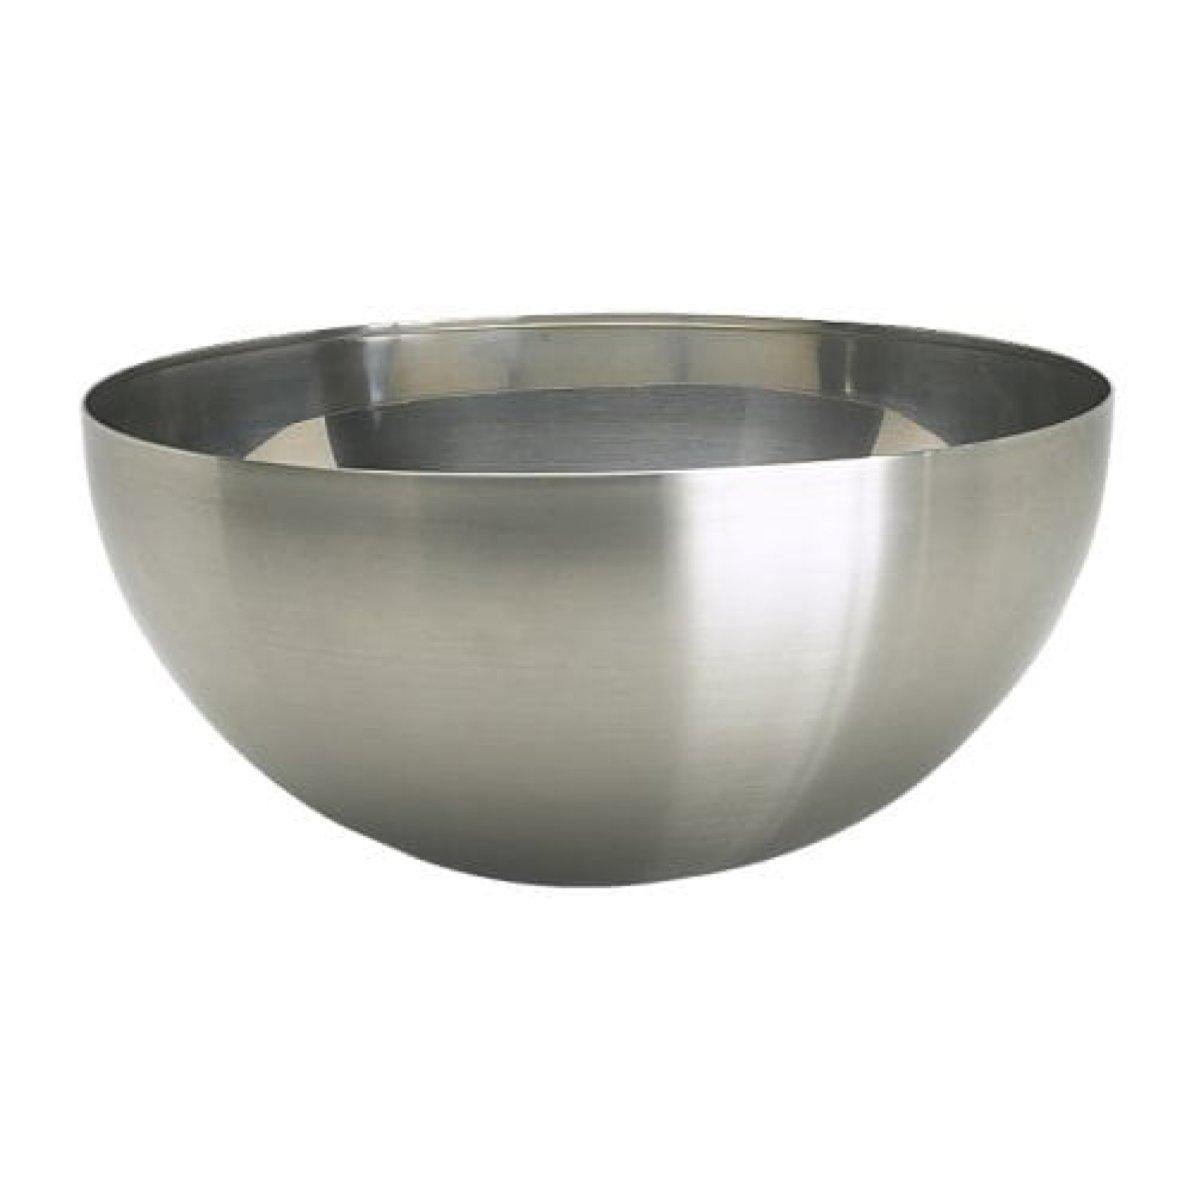 """IKEA Blanda Blank Serving Bowl Stainless Steel Size 11"""" 500.572.54"""